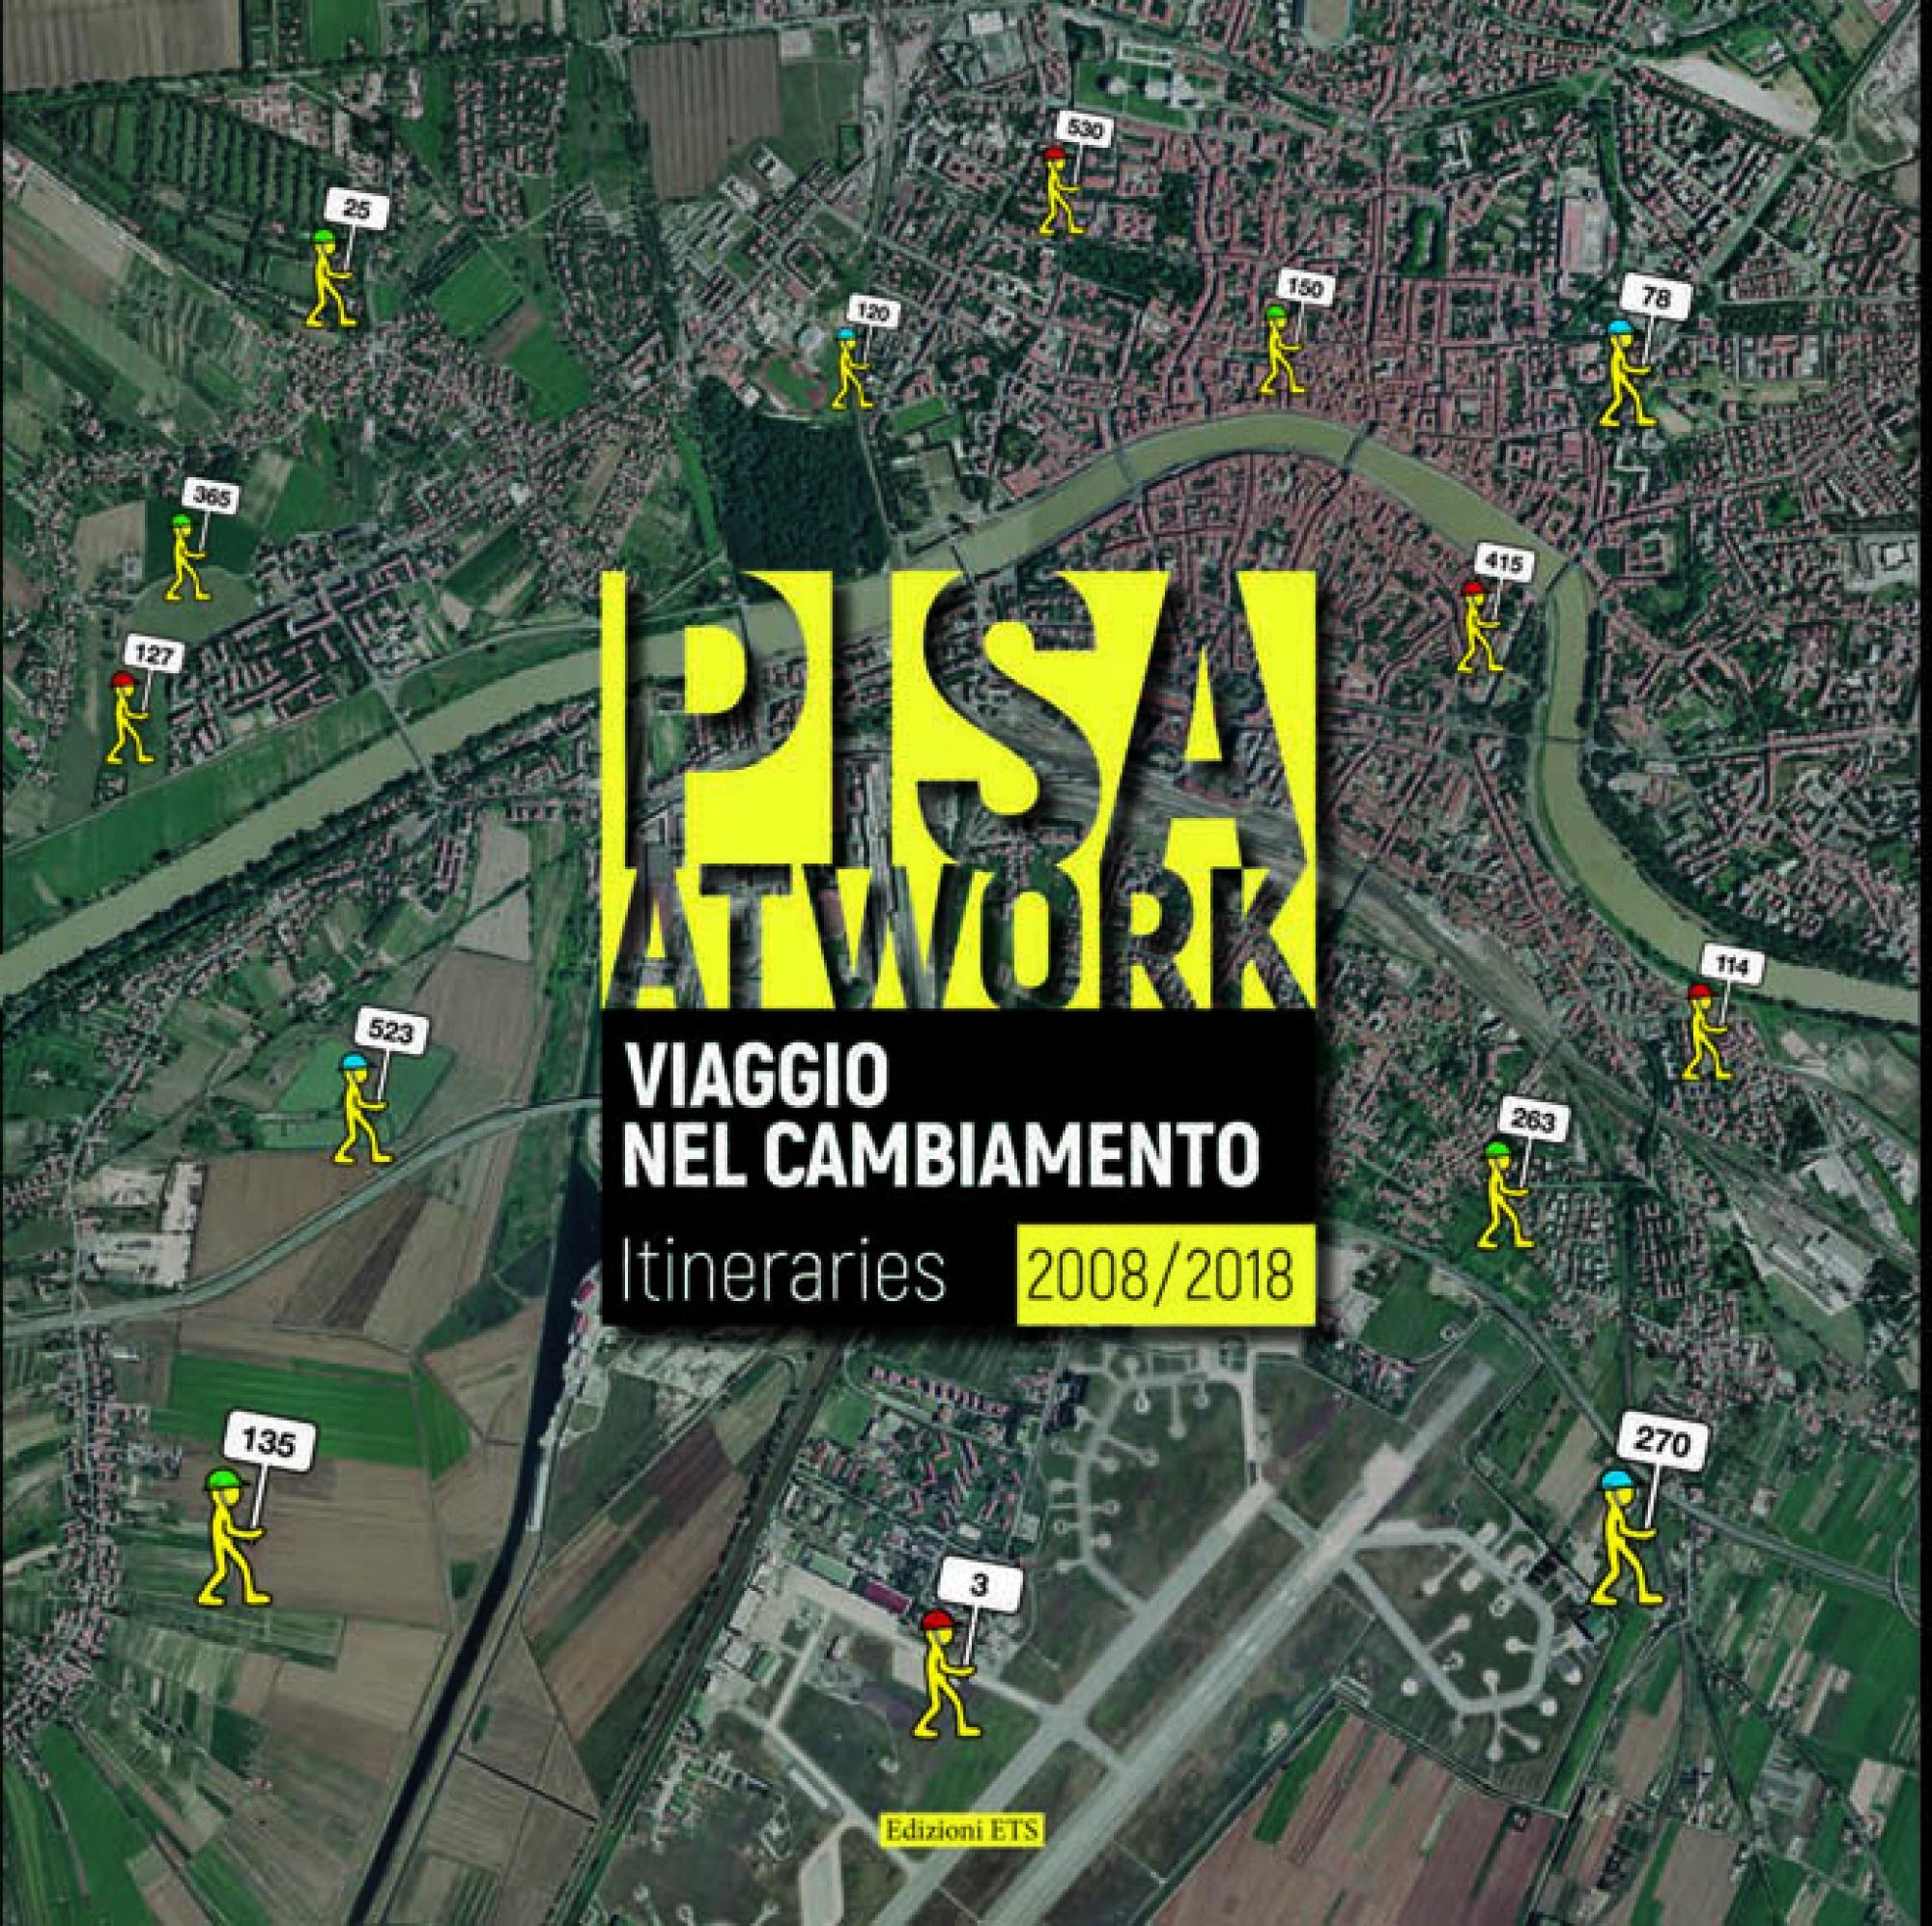 Pisa at work.Viaggio nel cambiamento. Itineraries 2008/2018